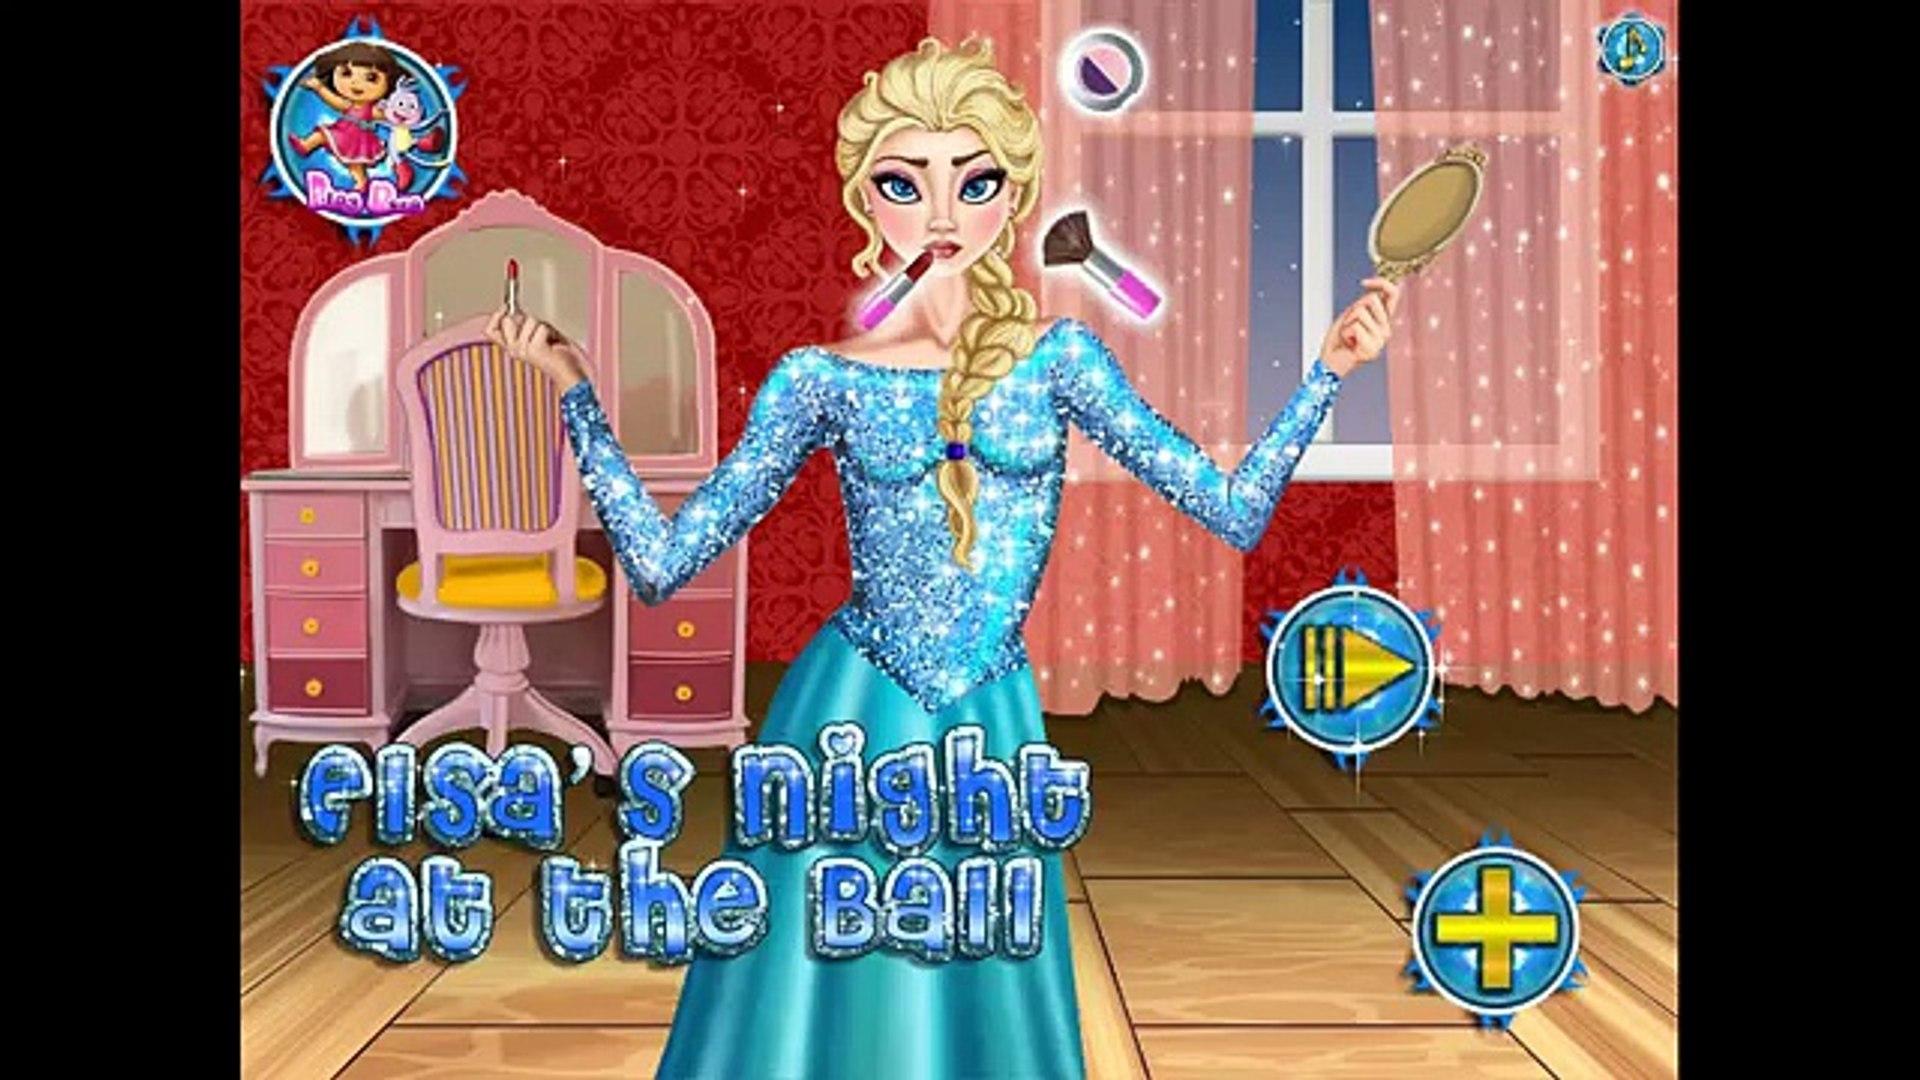 NEW Игры для детей—Disney Принцесса Холодное сердце на бал—Мультик Онлайн видео игры для девочек